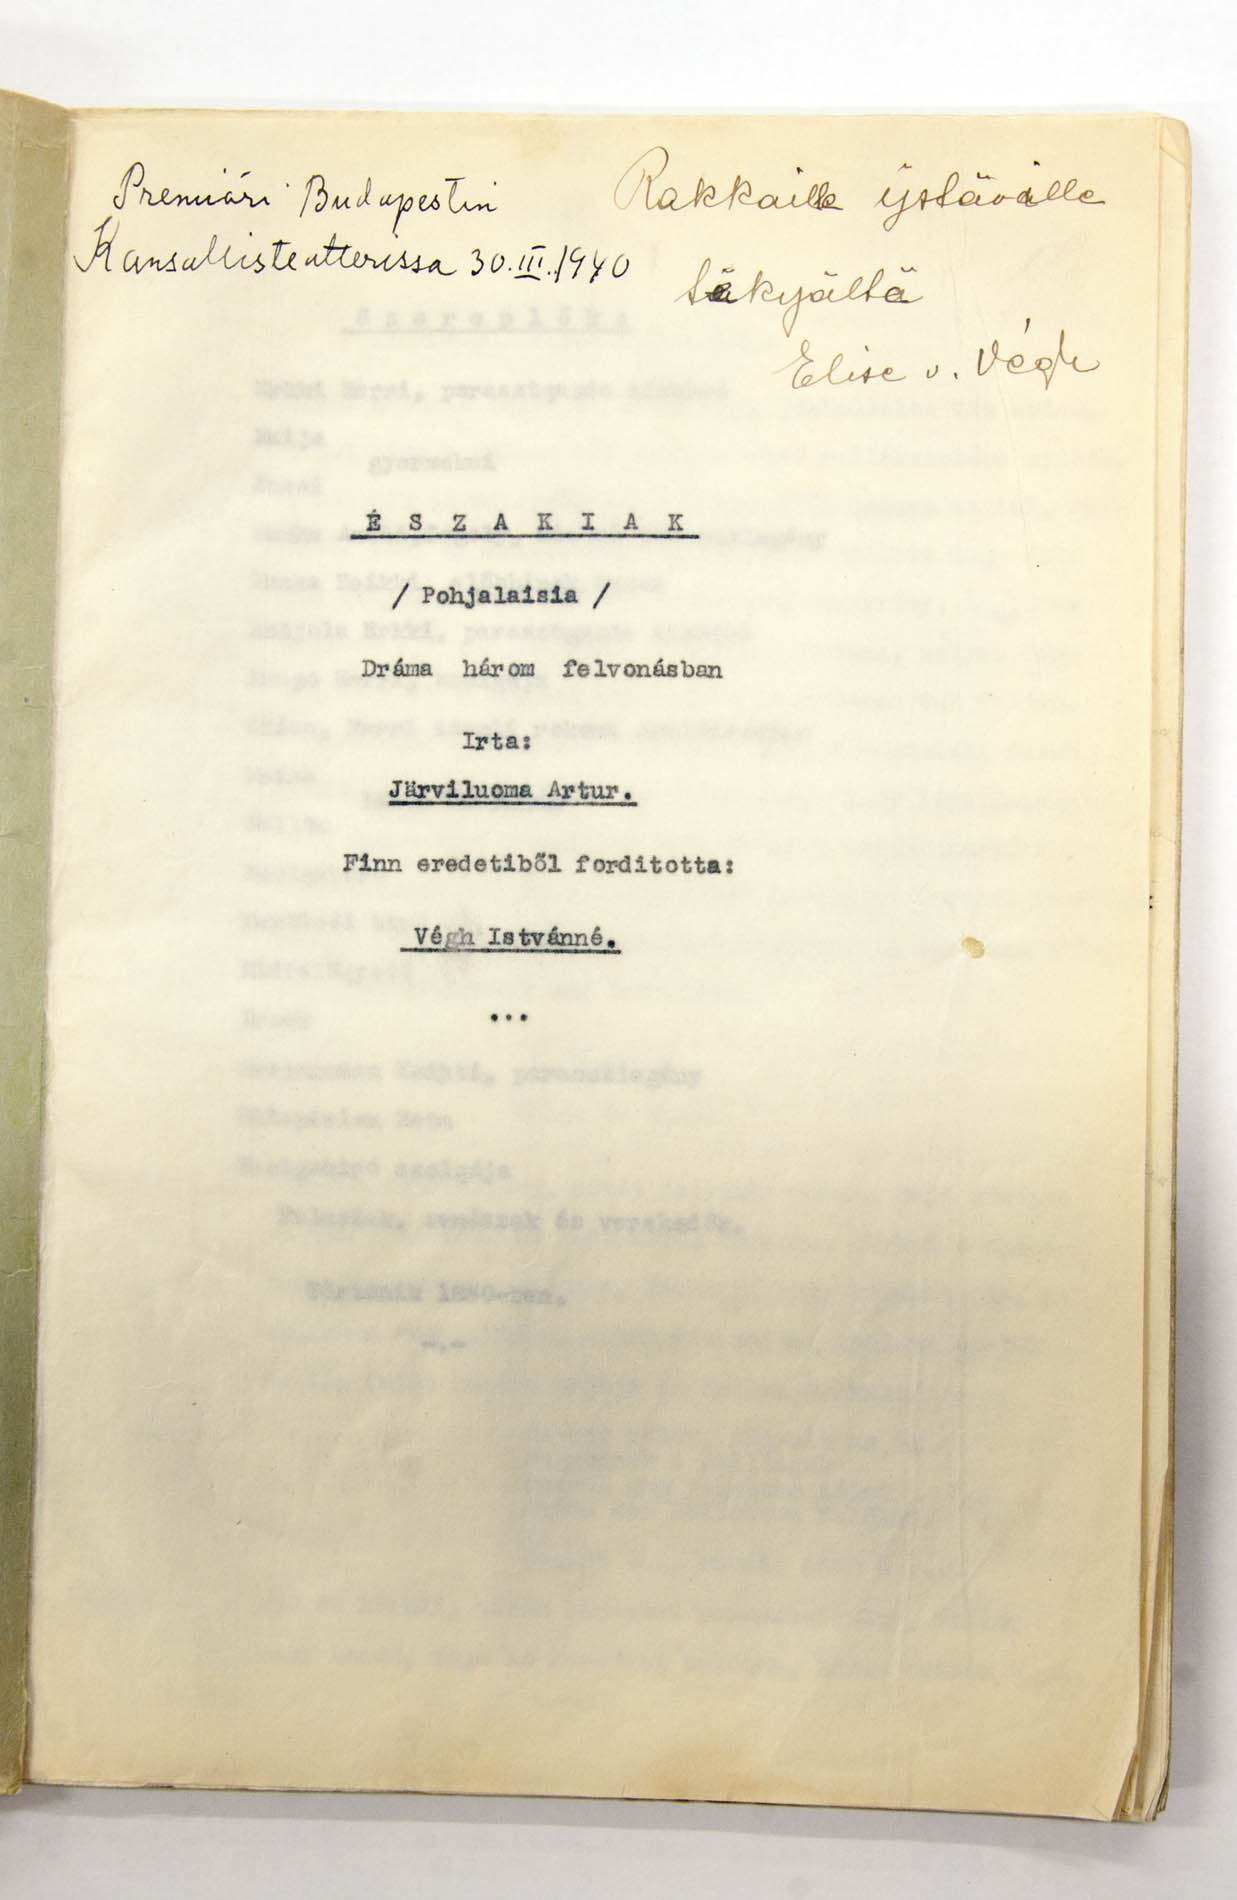 Ėszakiak. Dráma három felvonásban. Pohjalaisia-näytelmän unkarinnos. Kääntäjän omistus ystäville Artturi ja Lyyli Järviluomalle 1940.